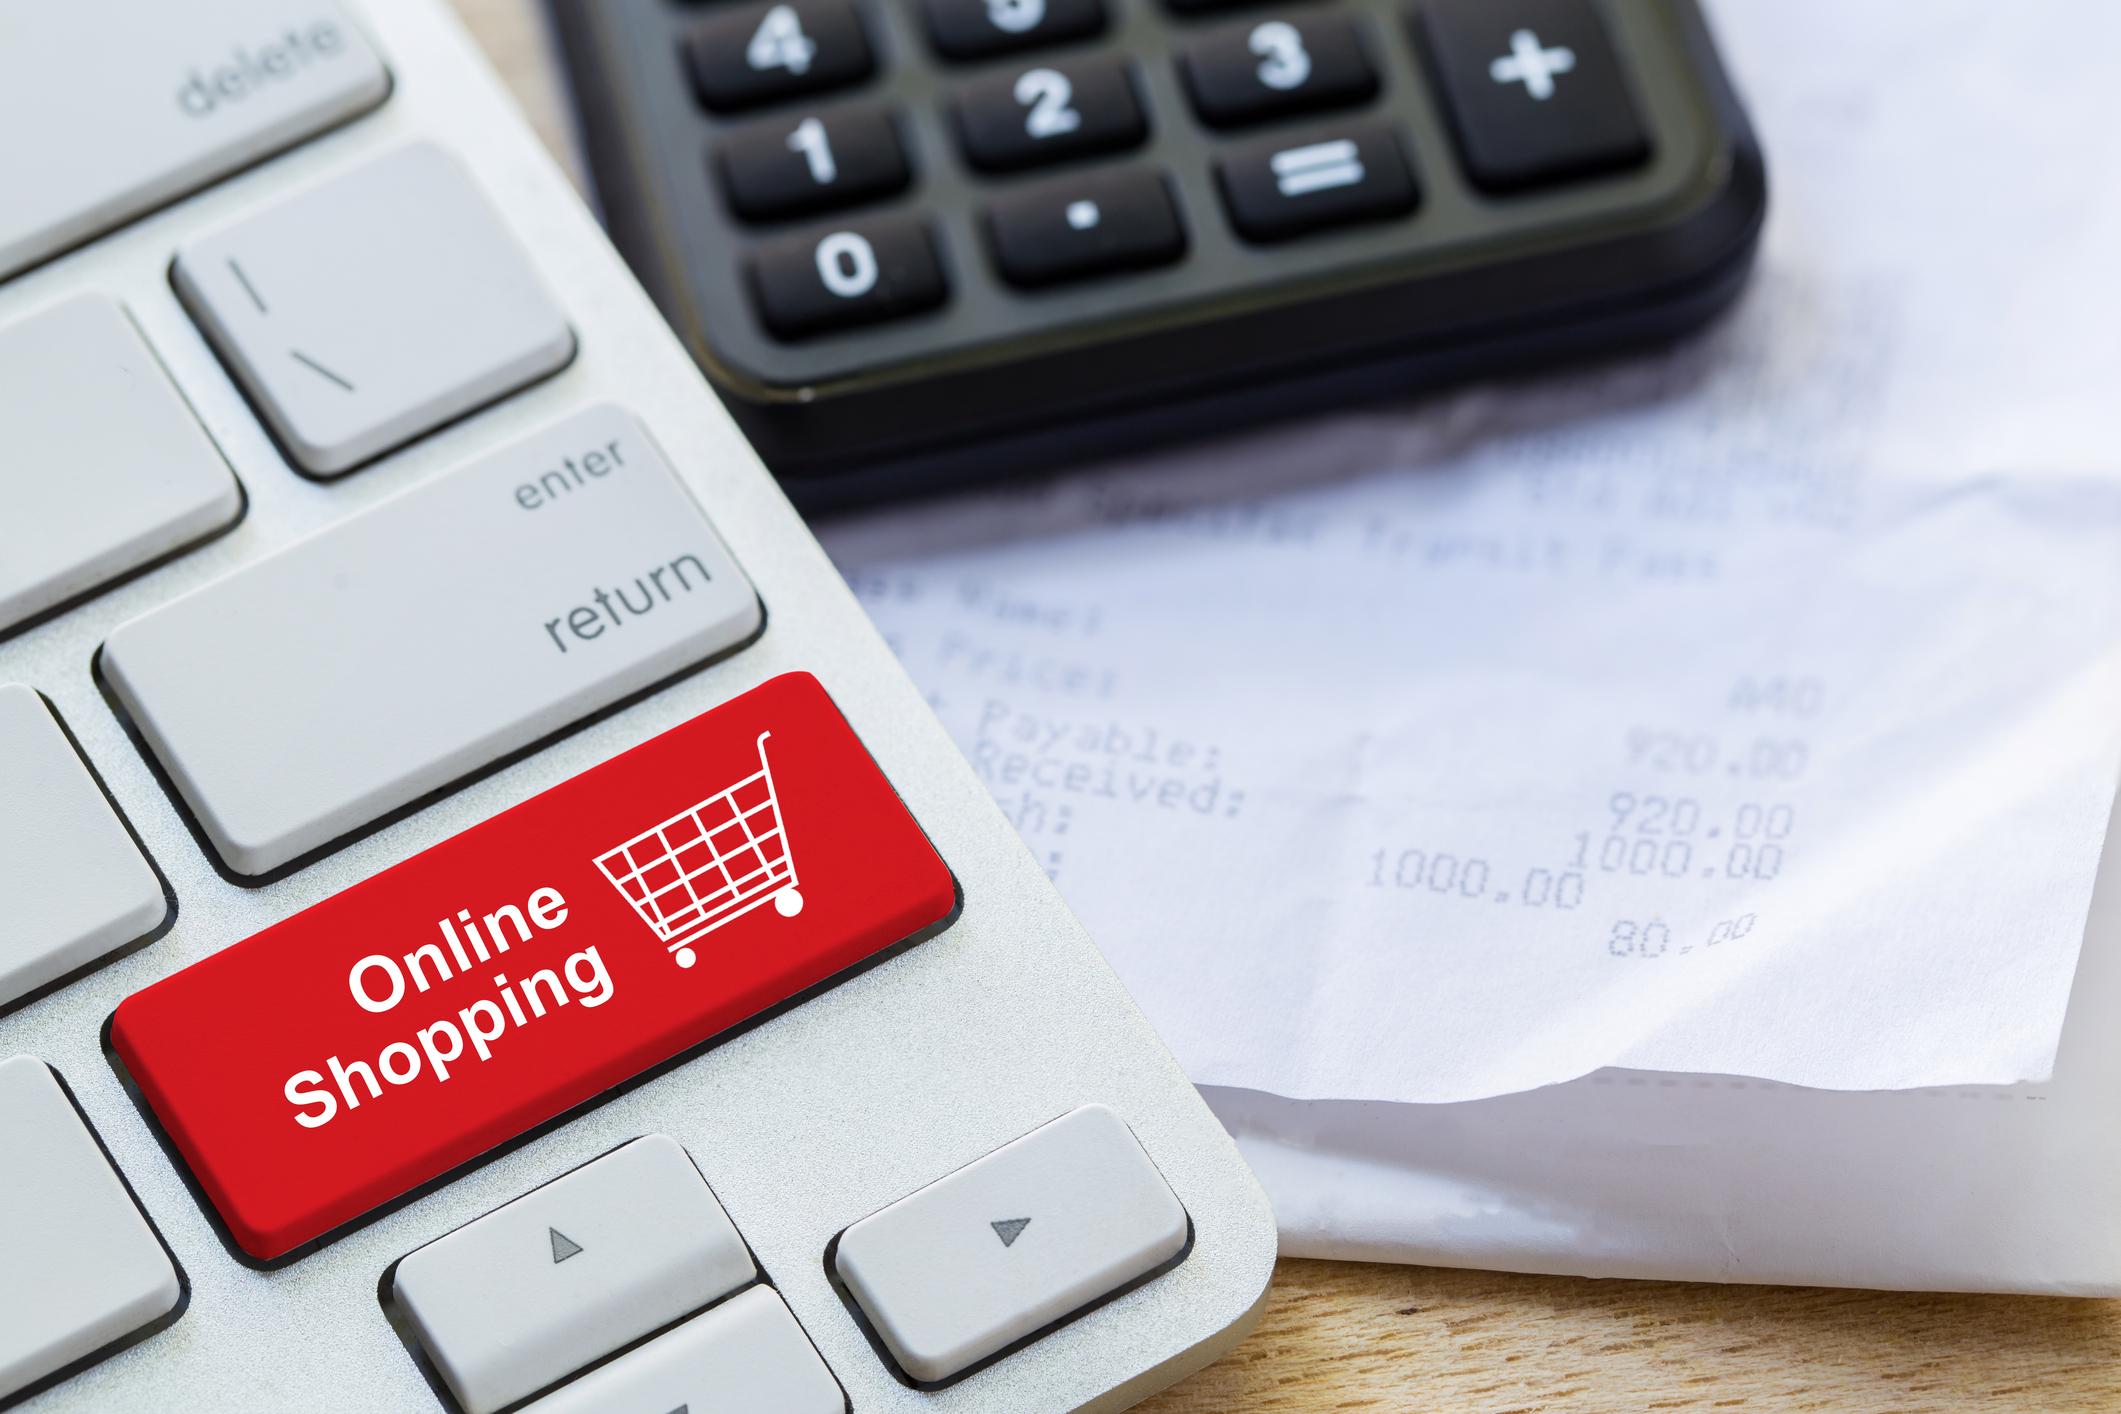 Путь в онлайн! Как зарабатывать ресторанам, кафе и магазинам с помощью онлайн доставки?